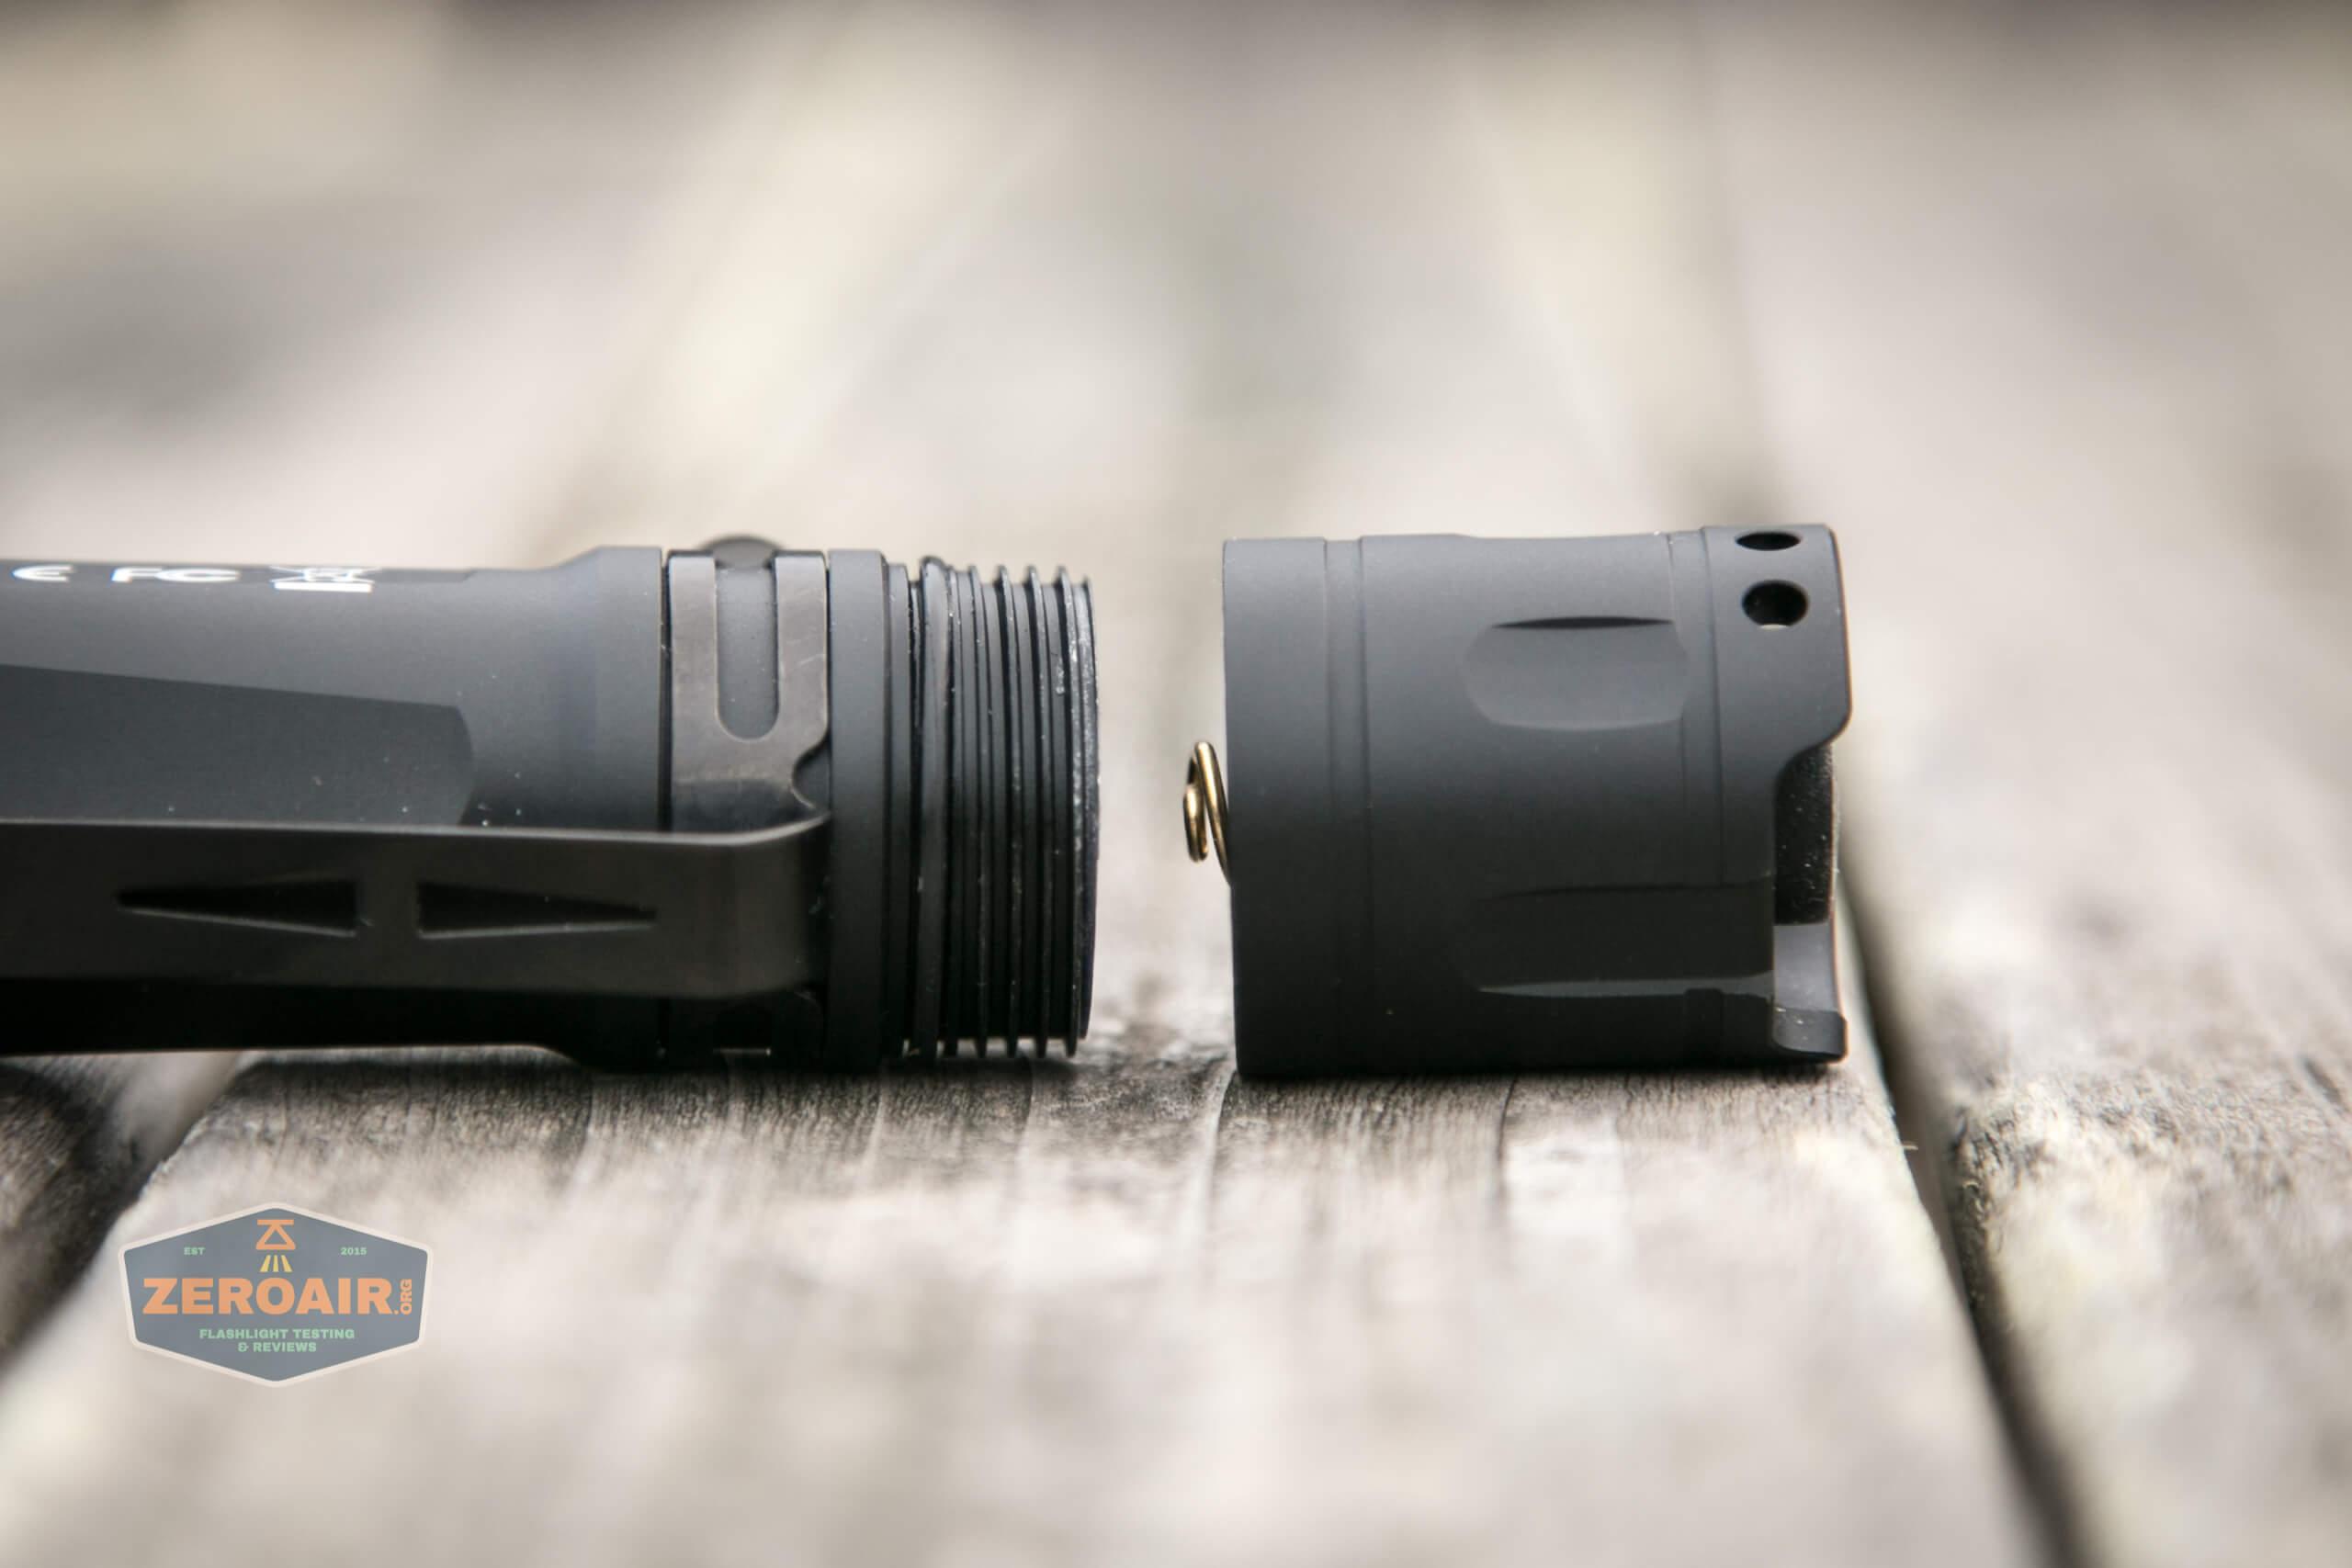 Cyansky P25 Flashlight tailcap off